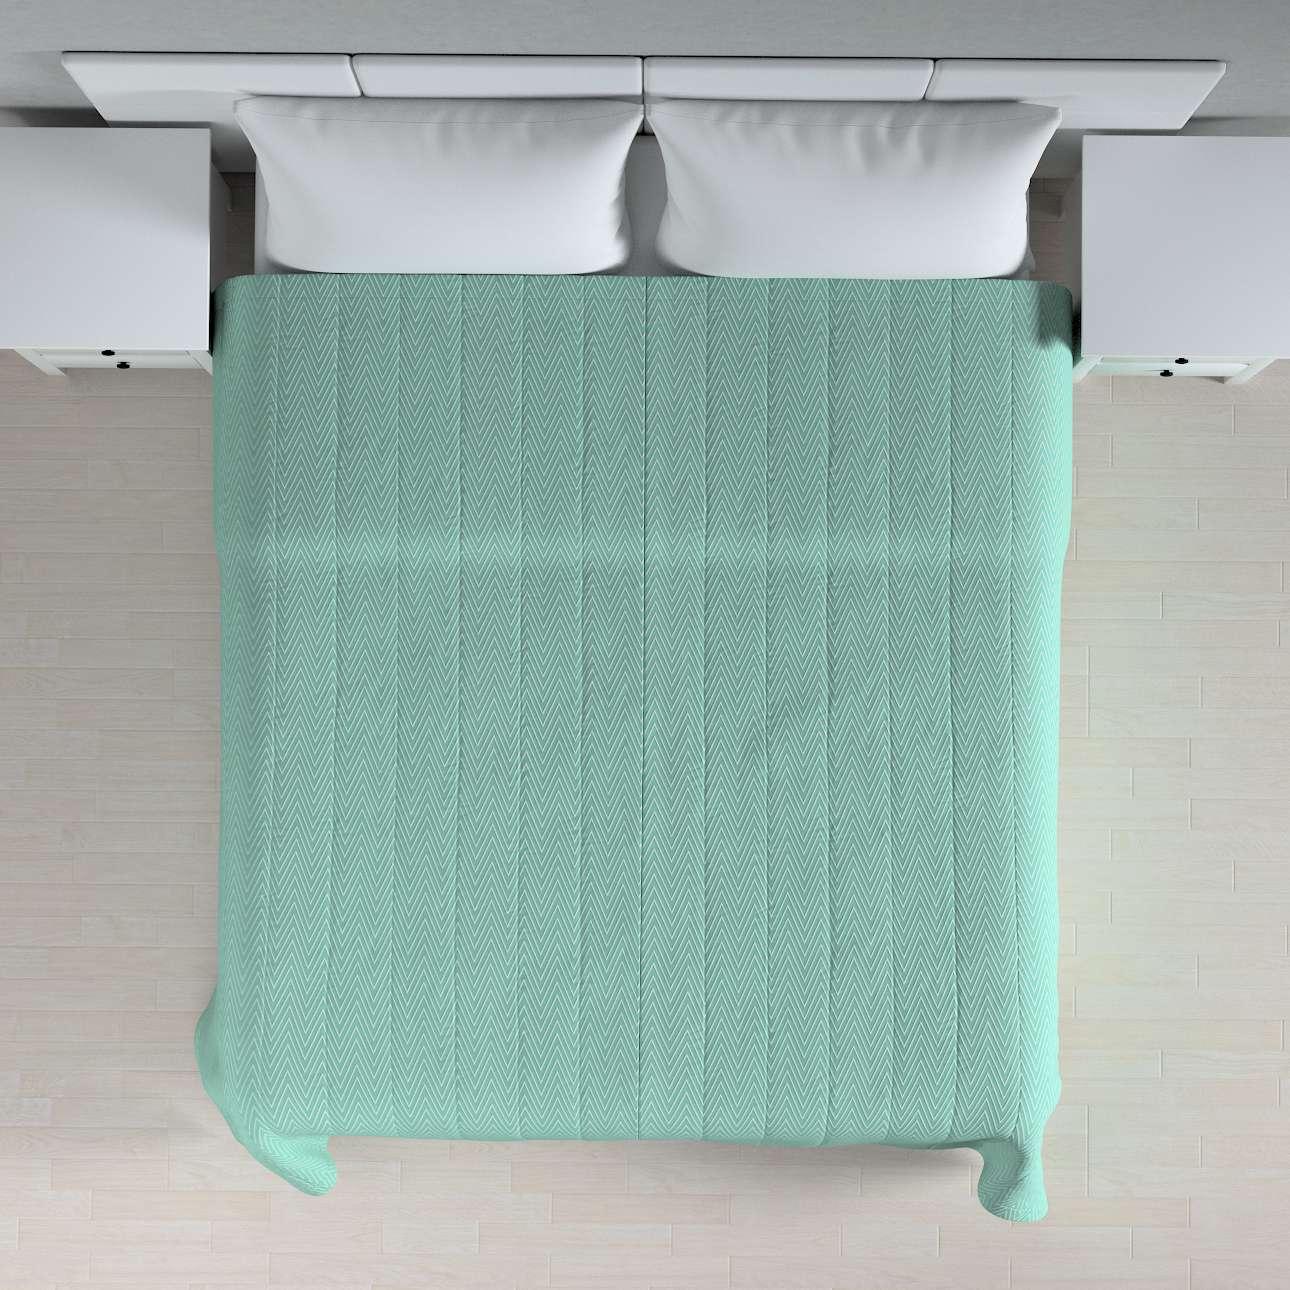 Prehoz na posteľ jednoduchý 260 x 210 cm V kolekcii Brooklyn, tkanina: 137-90